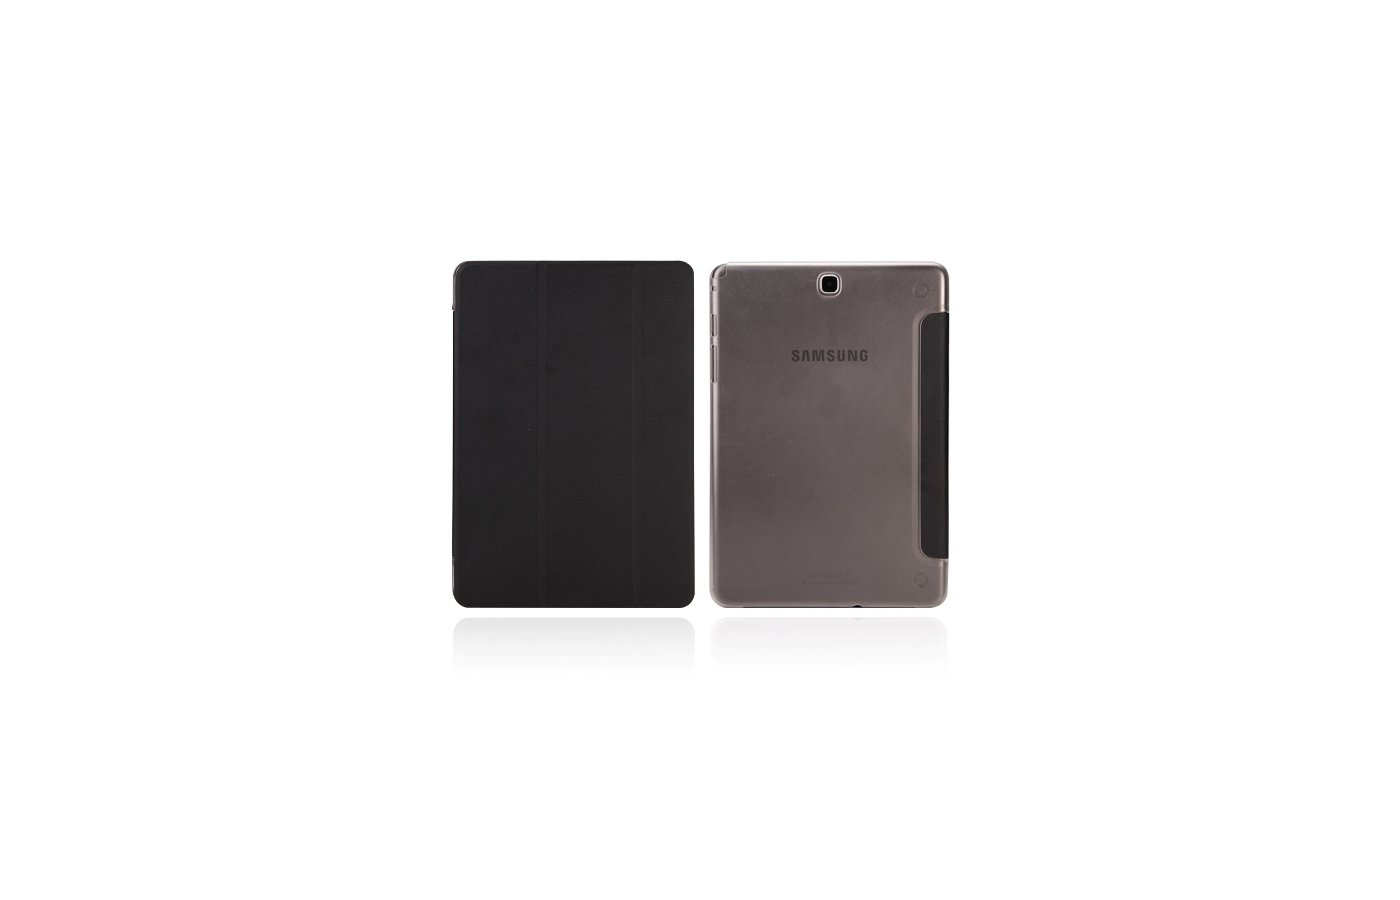 Чехол для планшетного ПК IT BAGGAGE для SAMSUNG Galaxy Tab A 9.7 hard case искус. кожа черный ITSSGTA9707-1